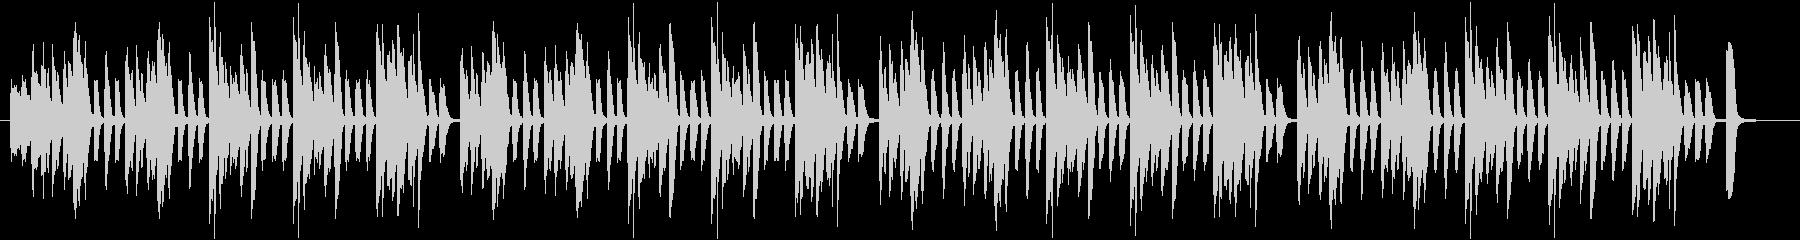 簡素で少しコミカル、使い勝手の良いBGMの未再生の波形